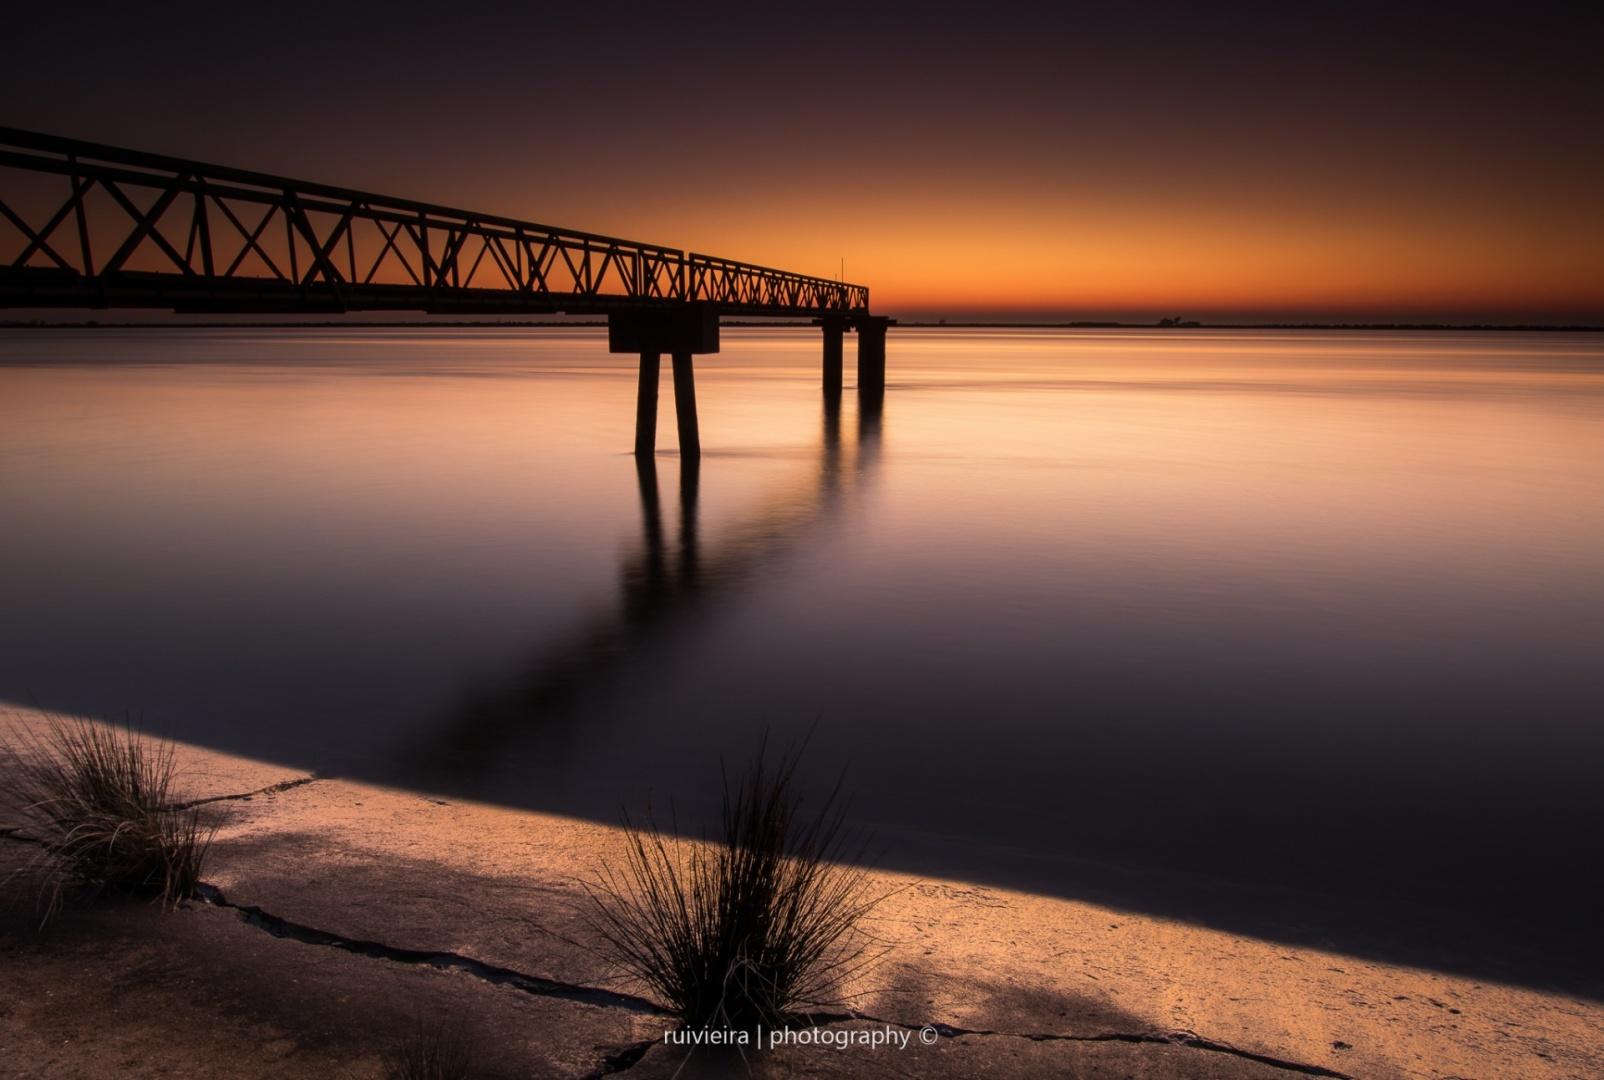 Paisagem Urbana/The pier